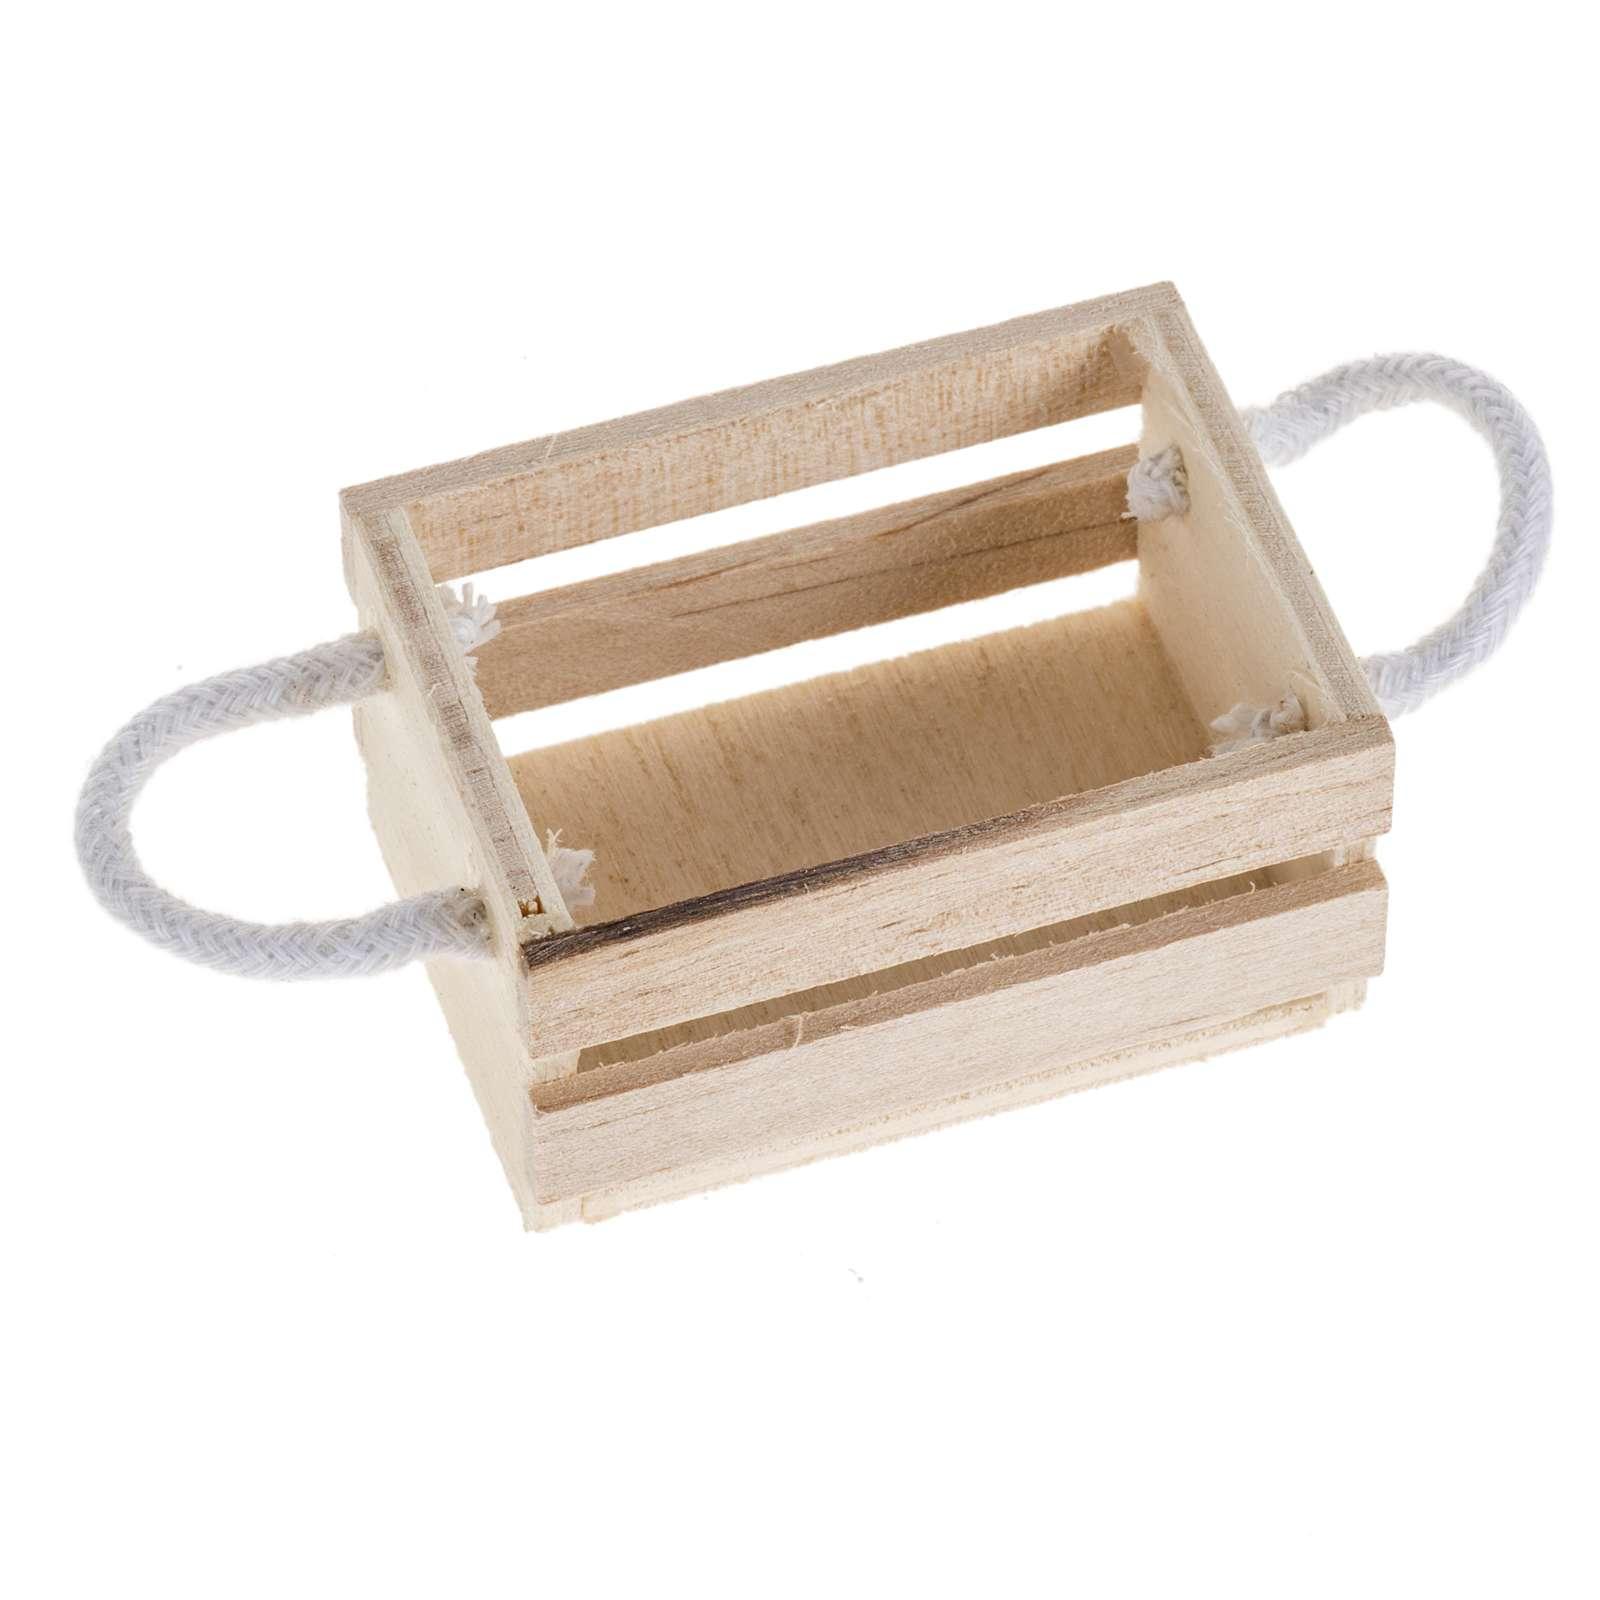 Cageot en bois manches en corde 4